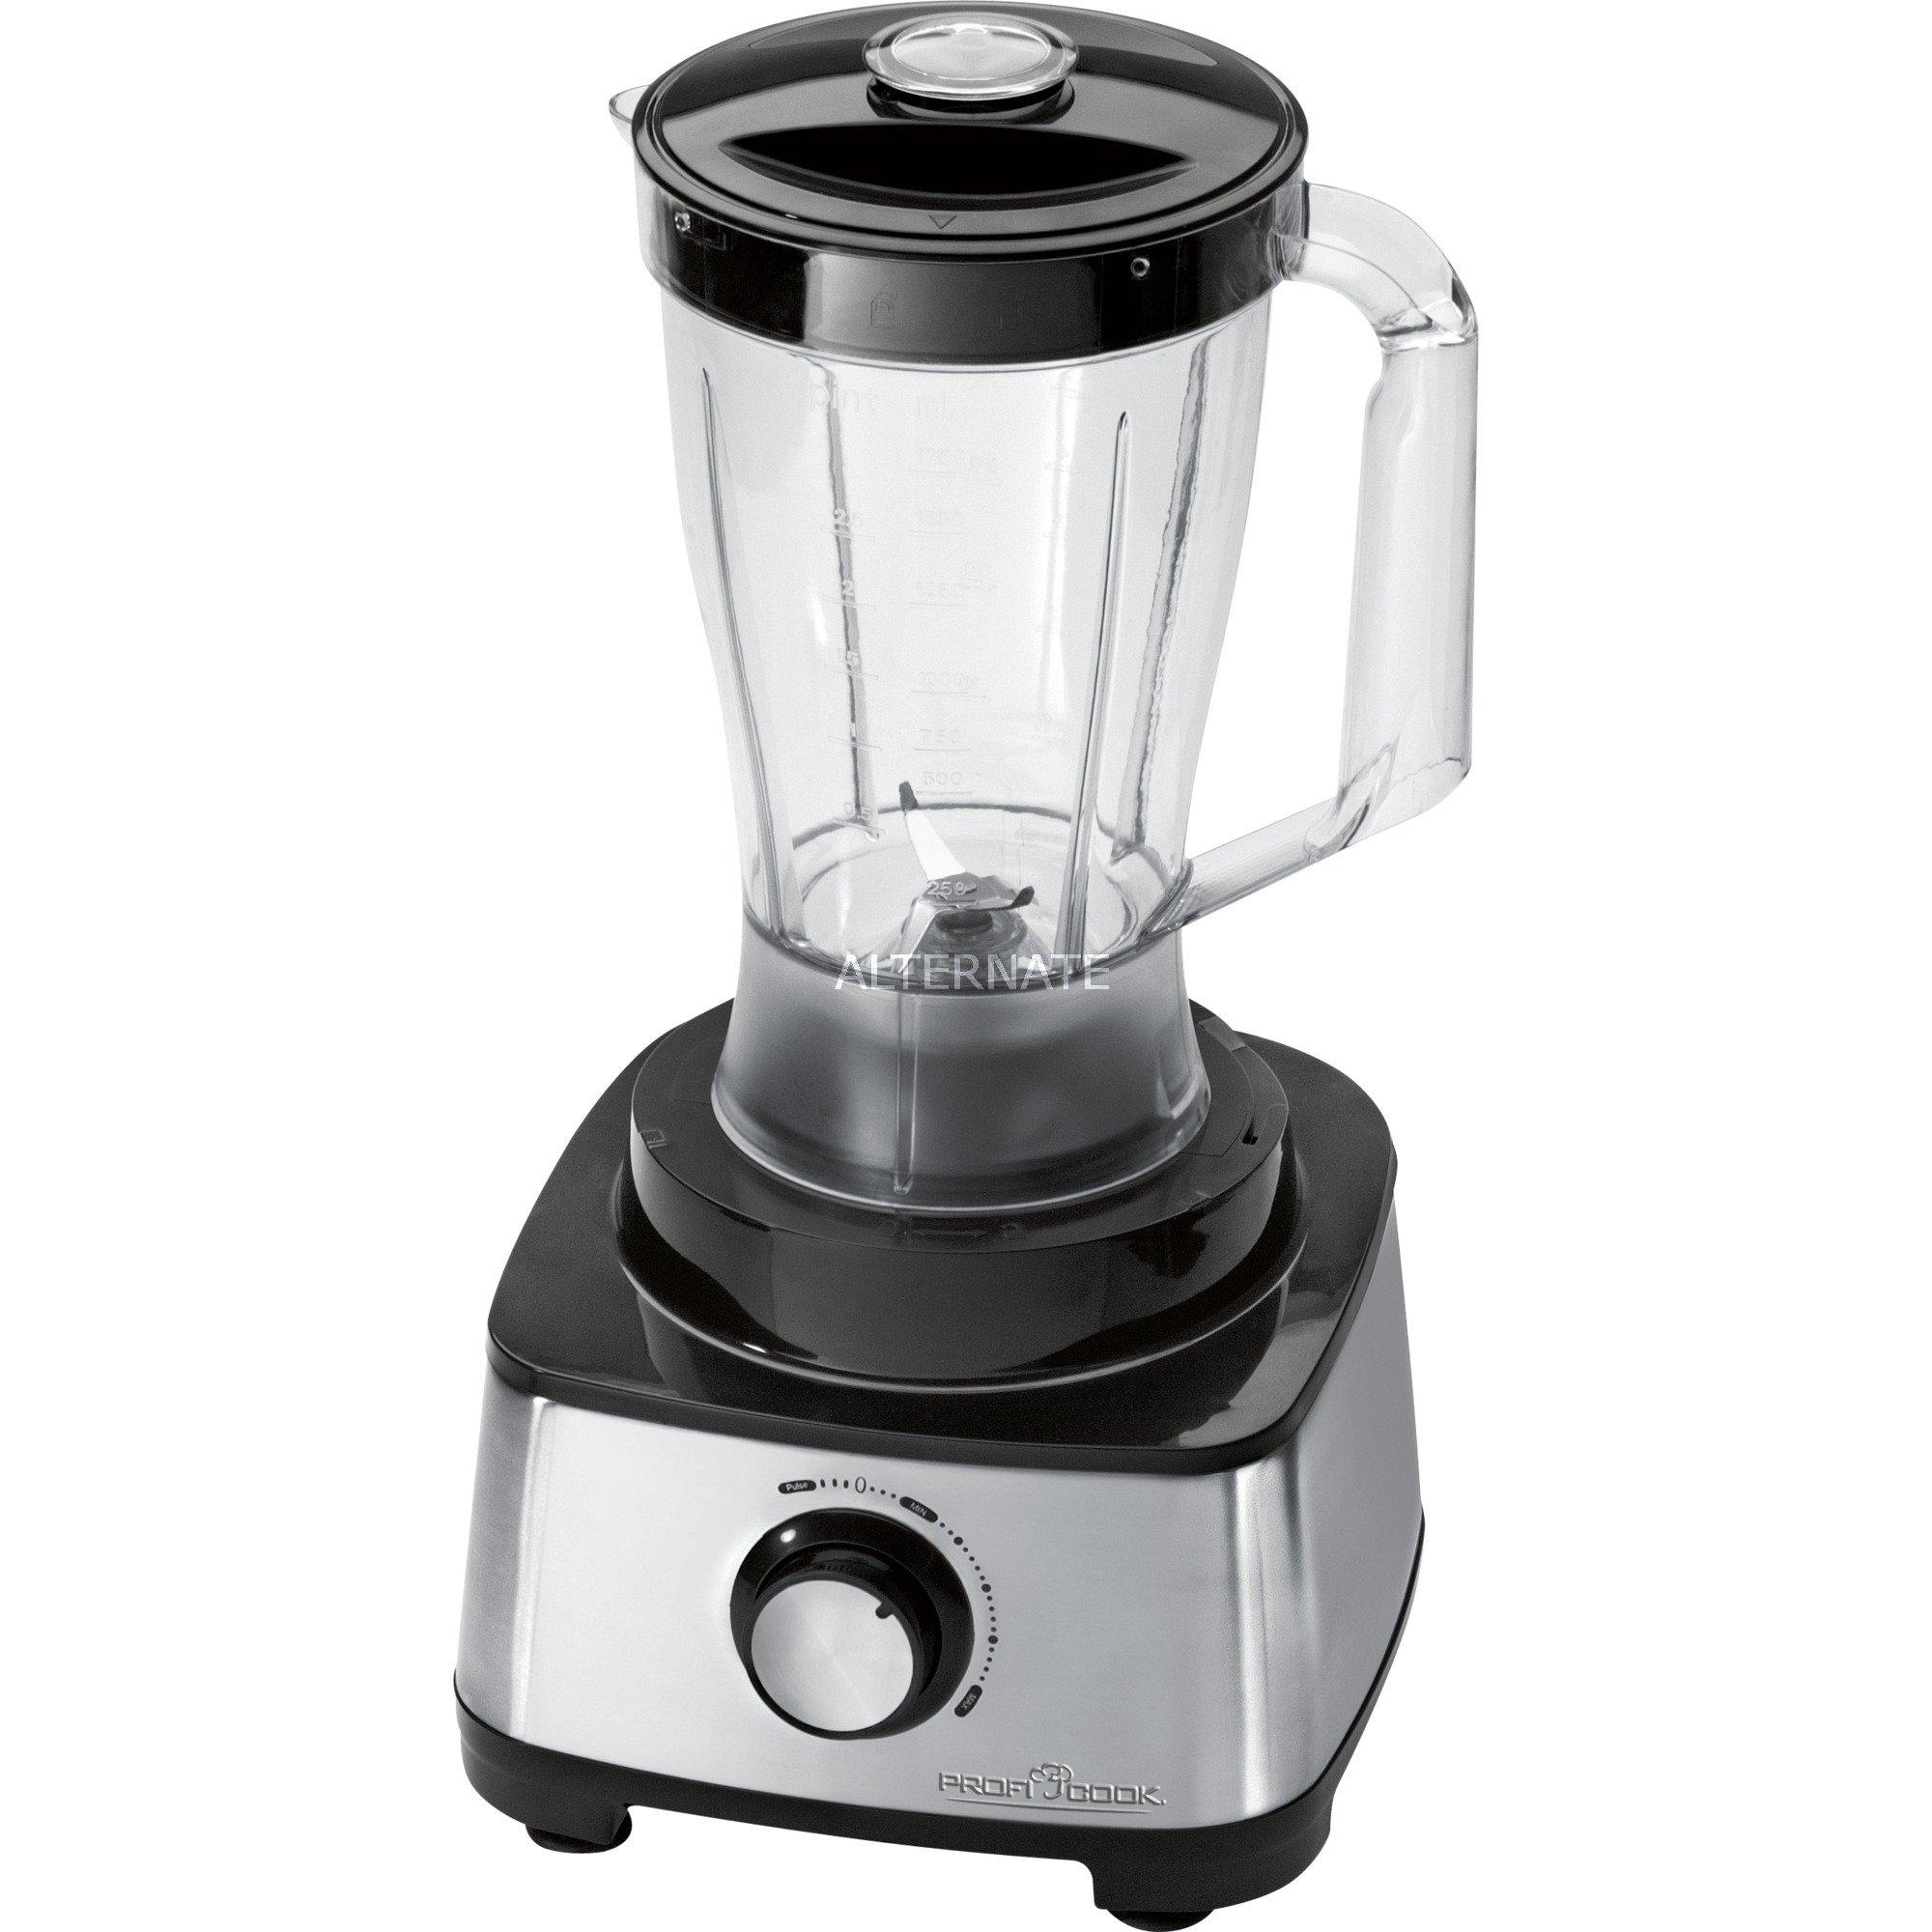 PC-KM 1063 robot de cocina 1,75 L Negro, Acero inoxidable 1200 W